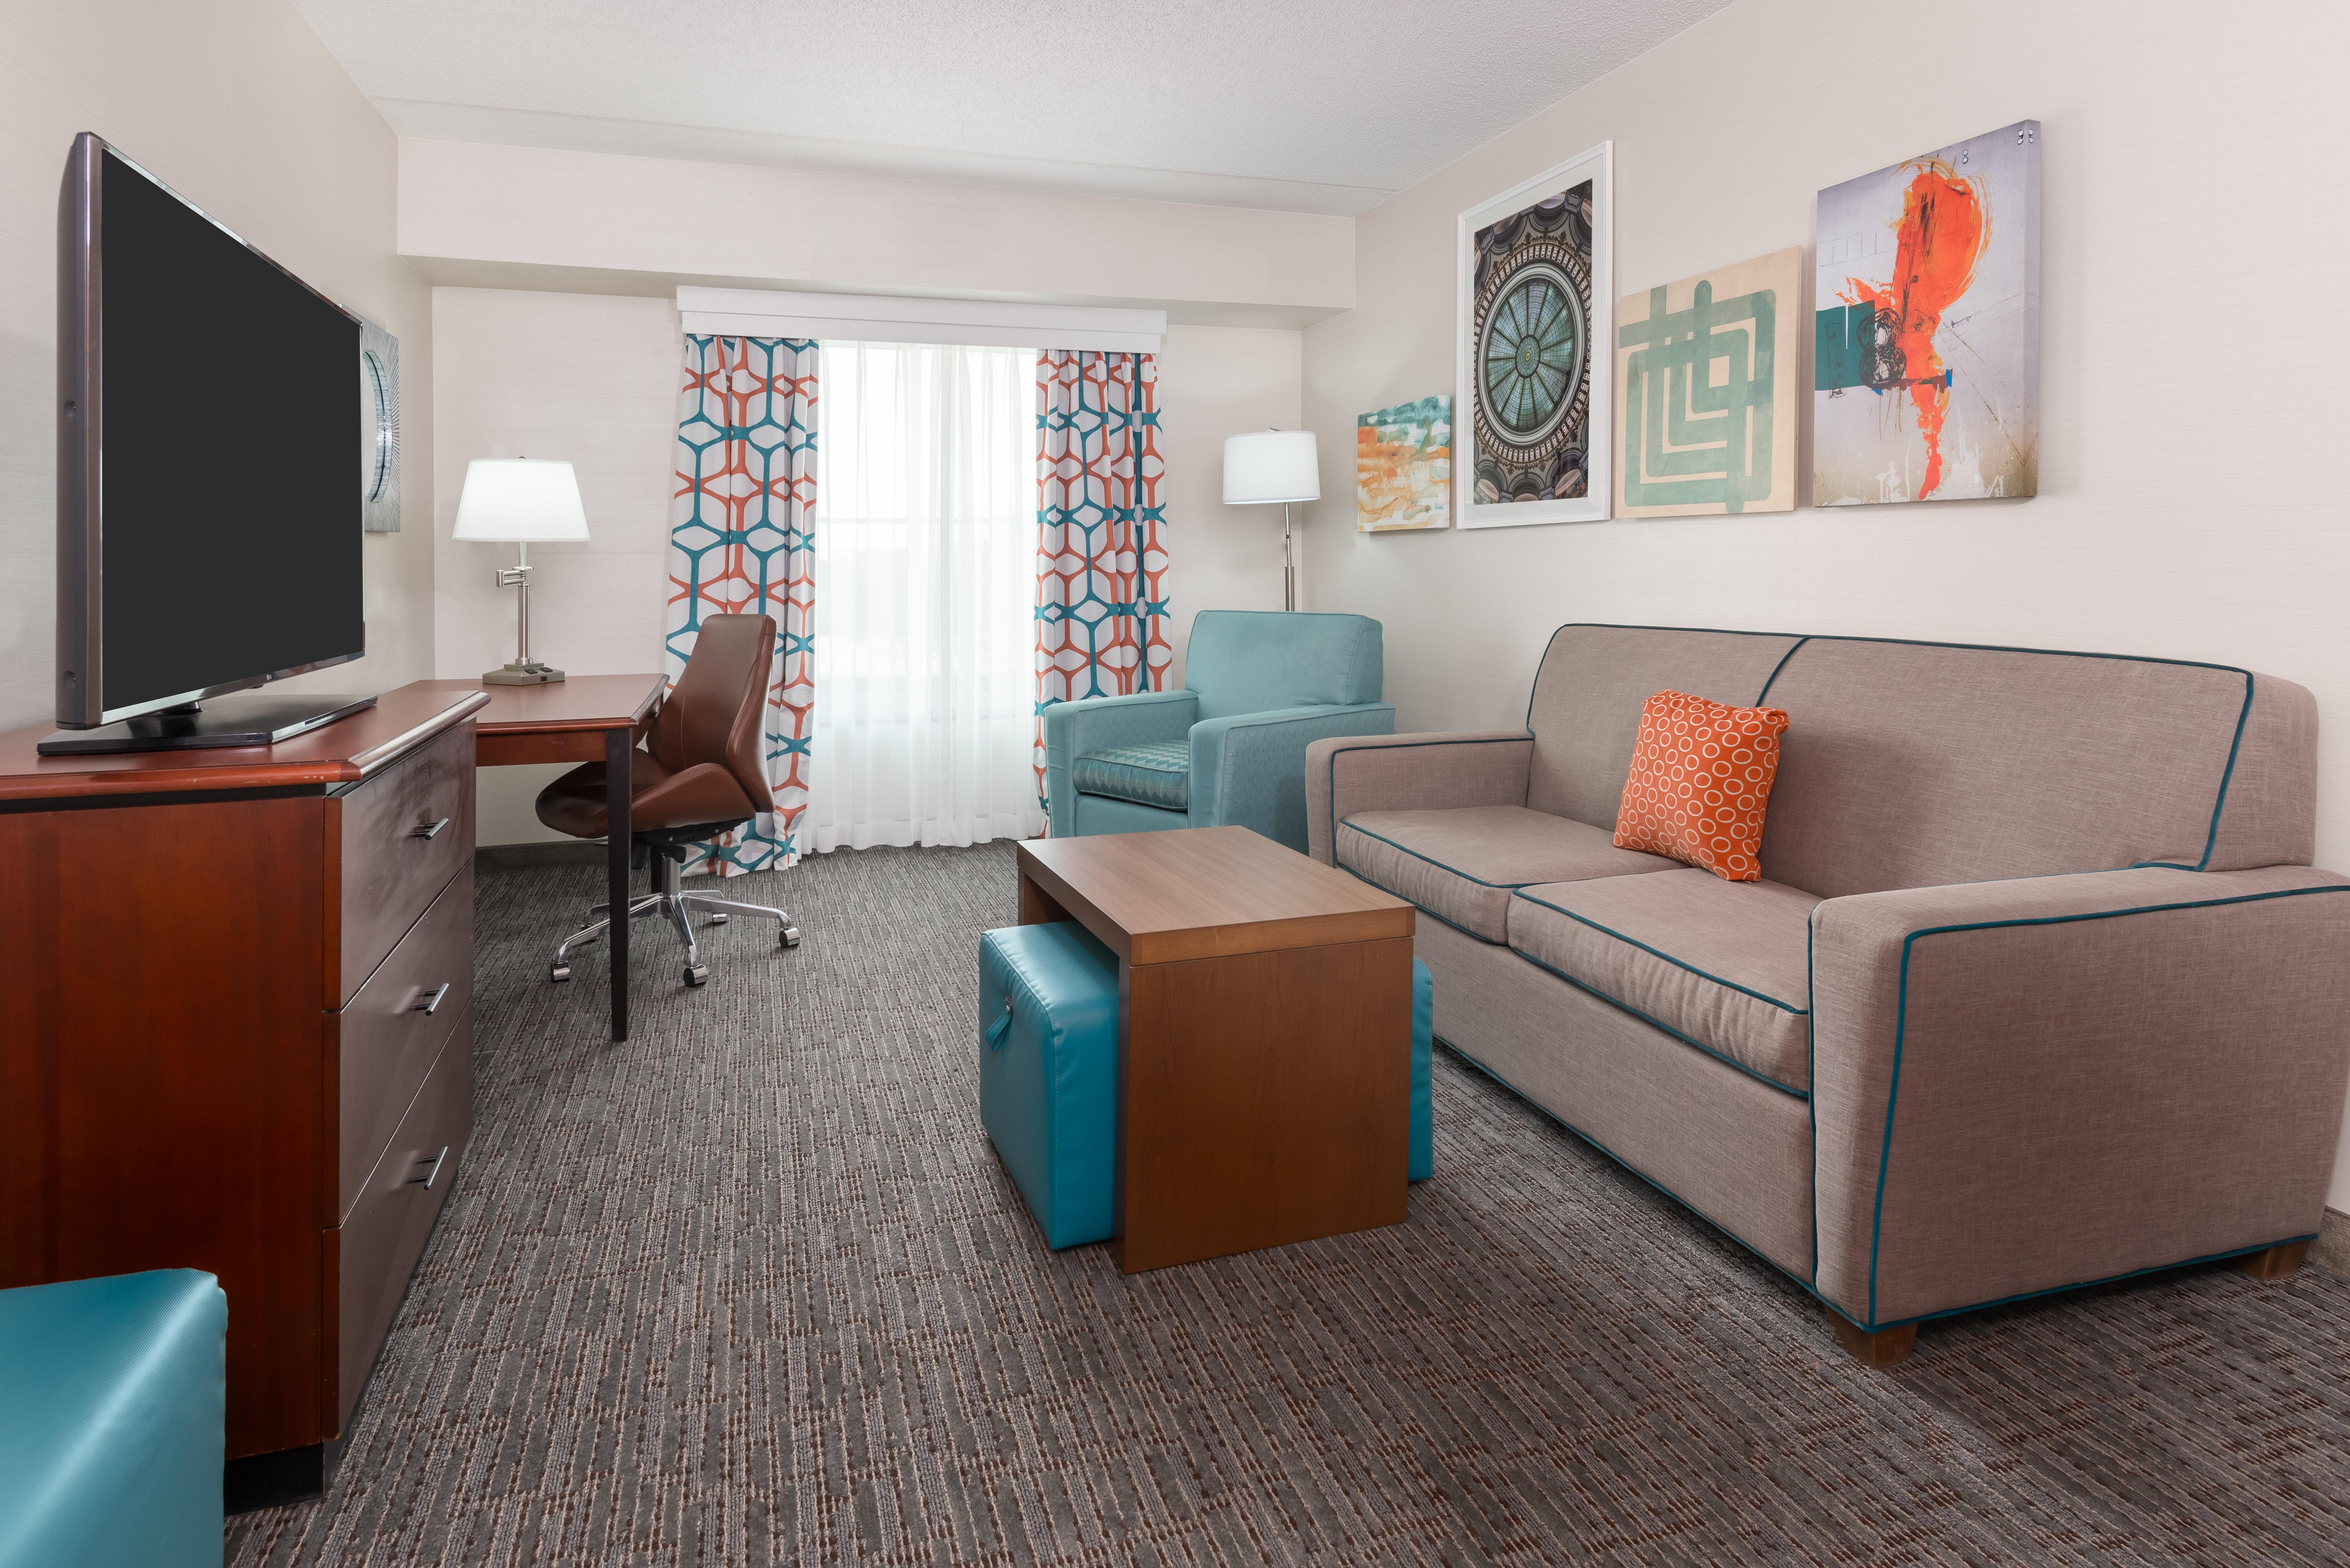 Homewood Suites by Hilton Cleveland-Beachwood image 11